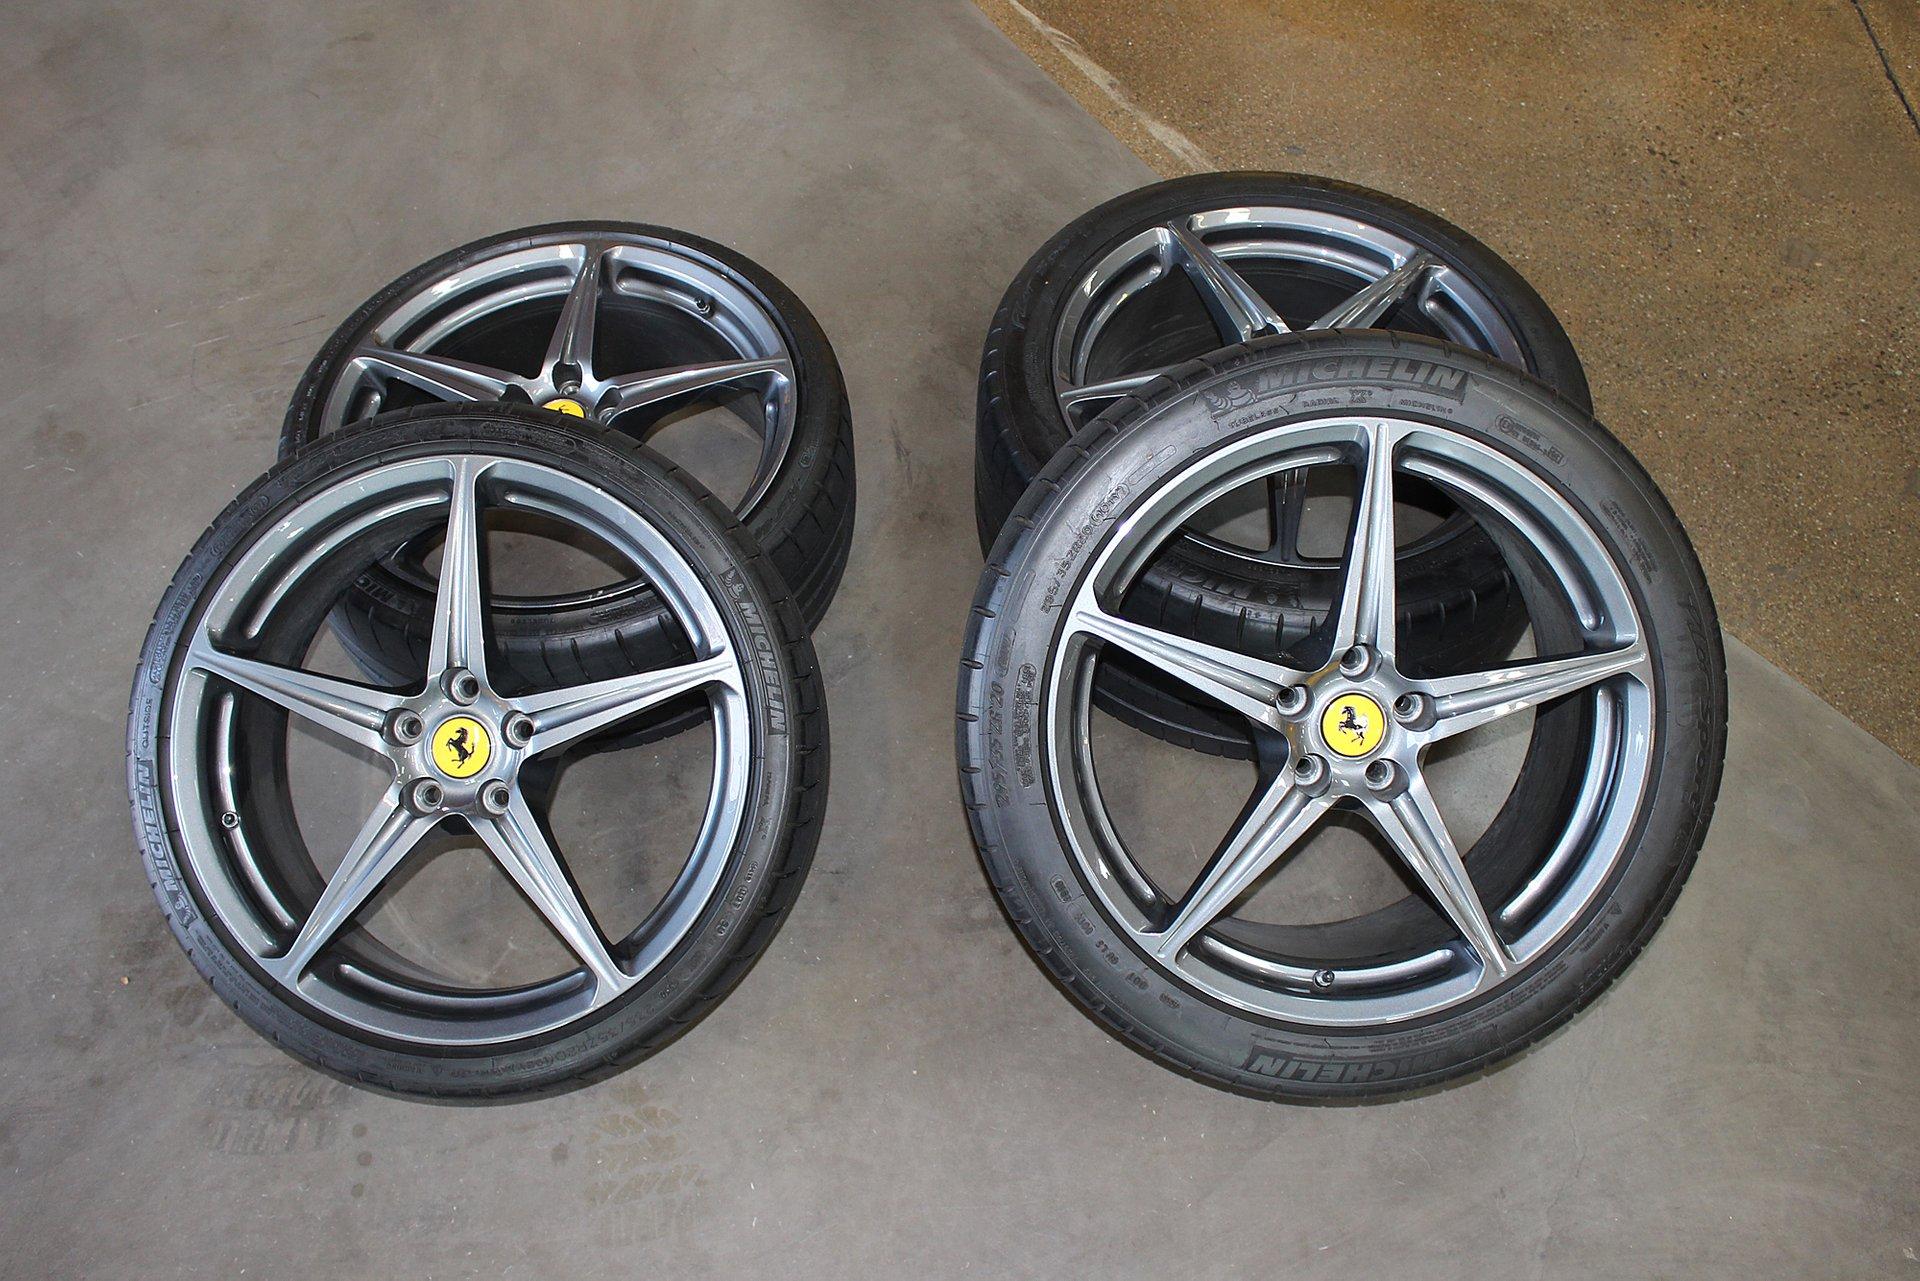 2010 ferrari 458 italia wheels